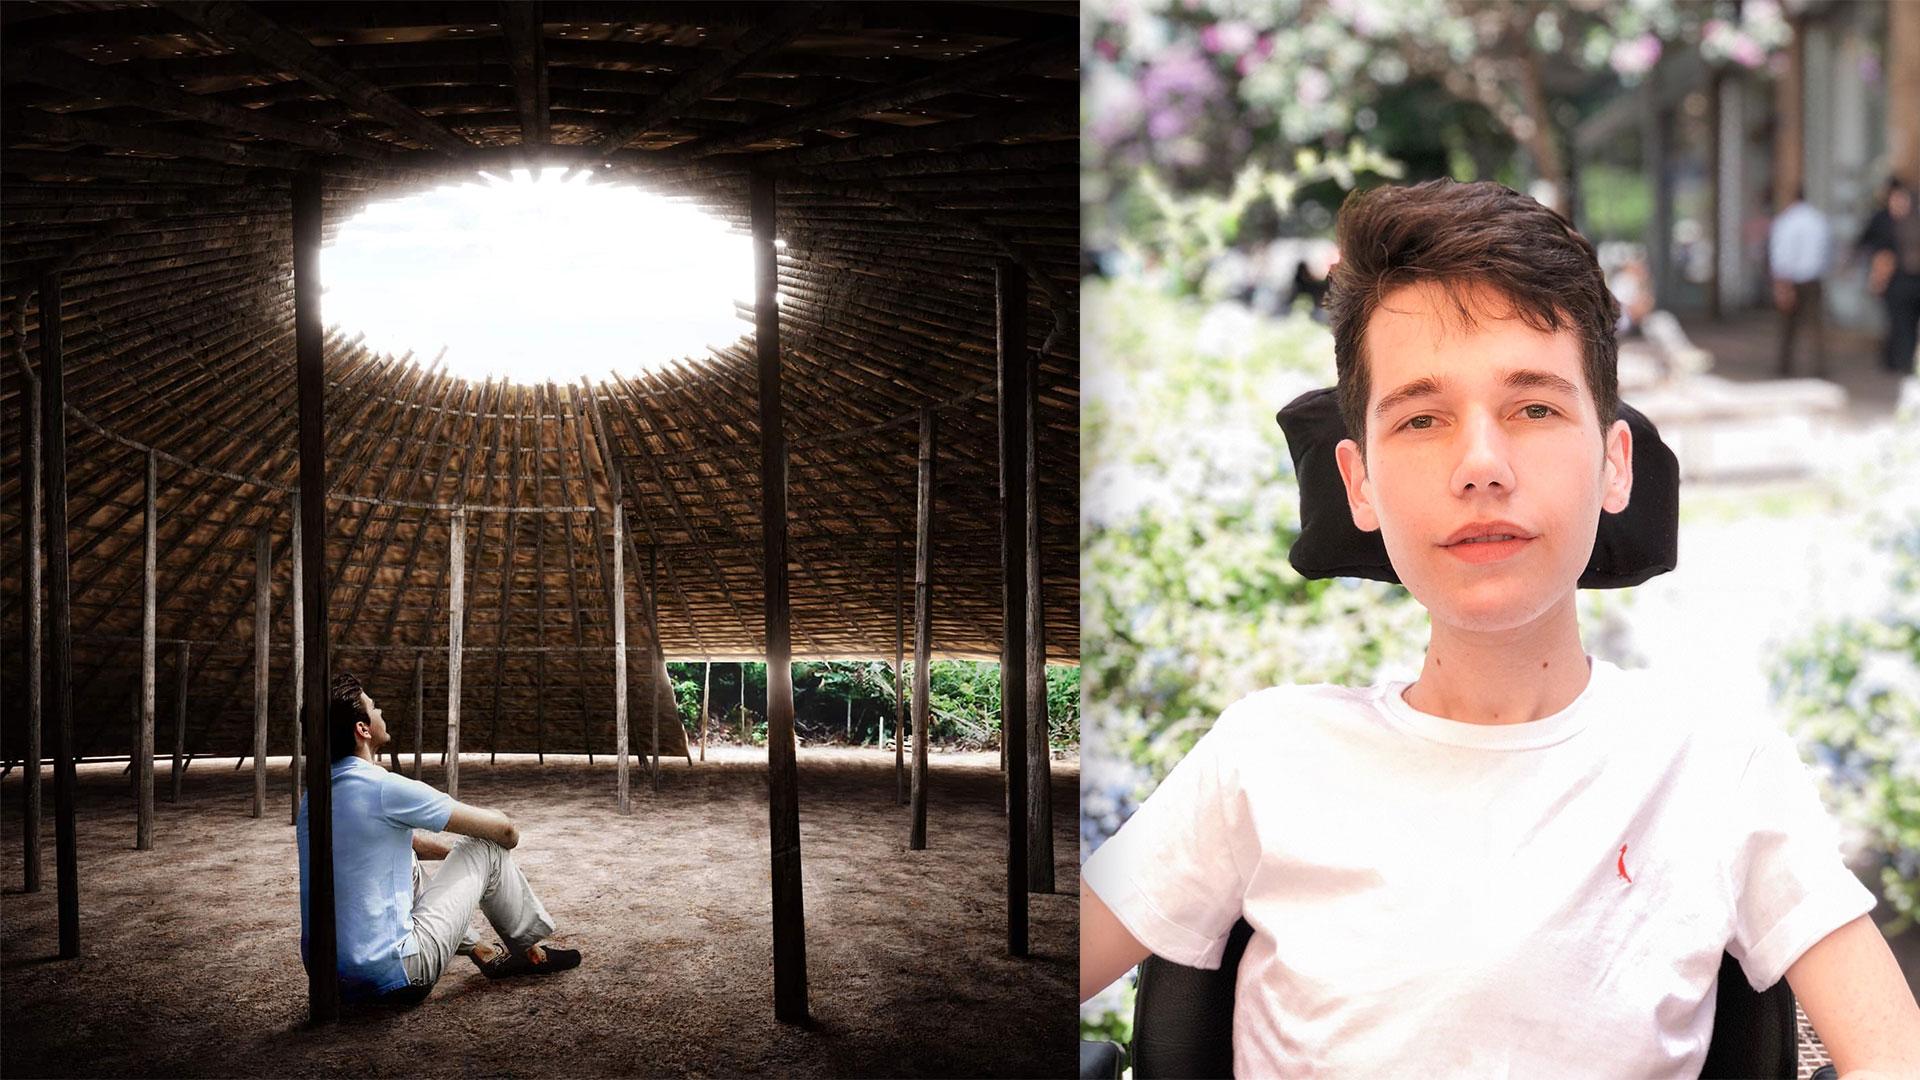 Brazilian architecture student designs native values into a new Covid-19 memorial.